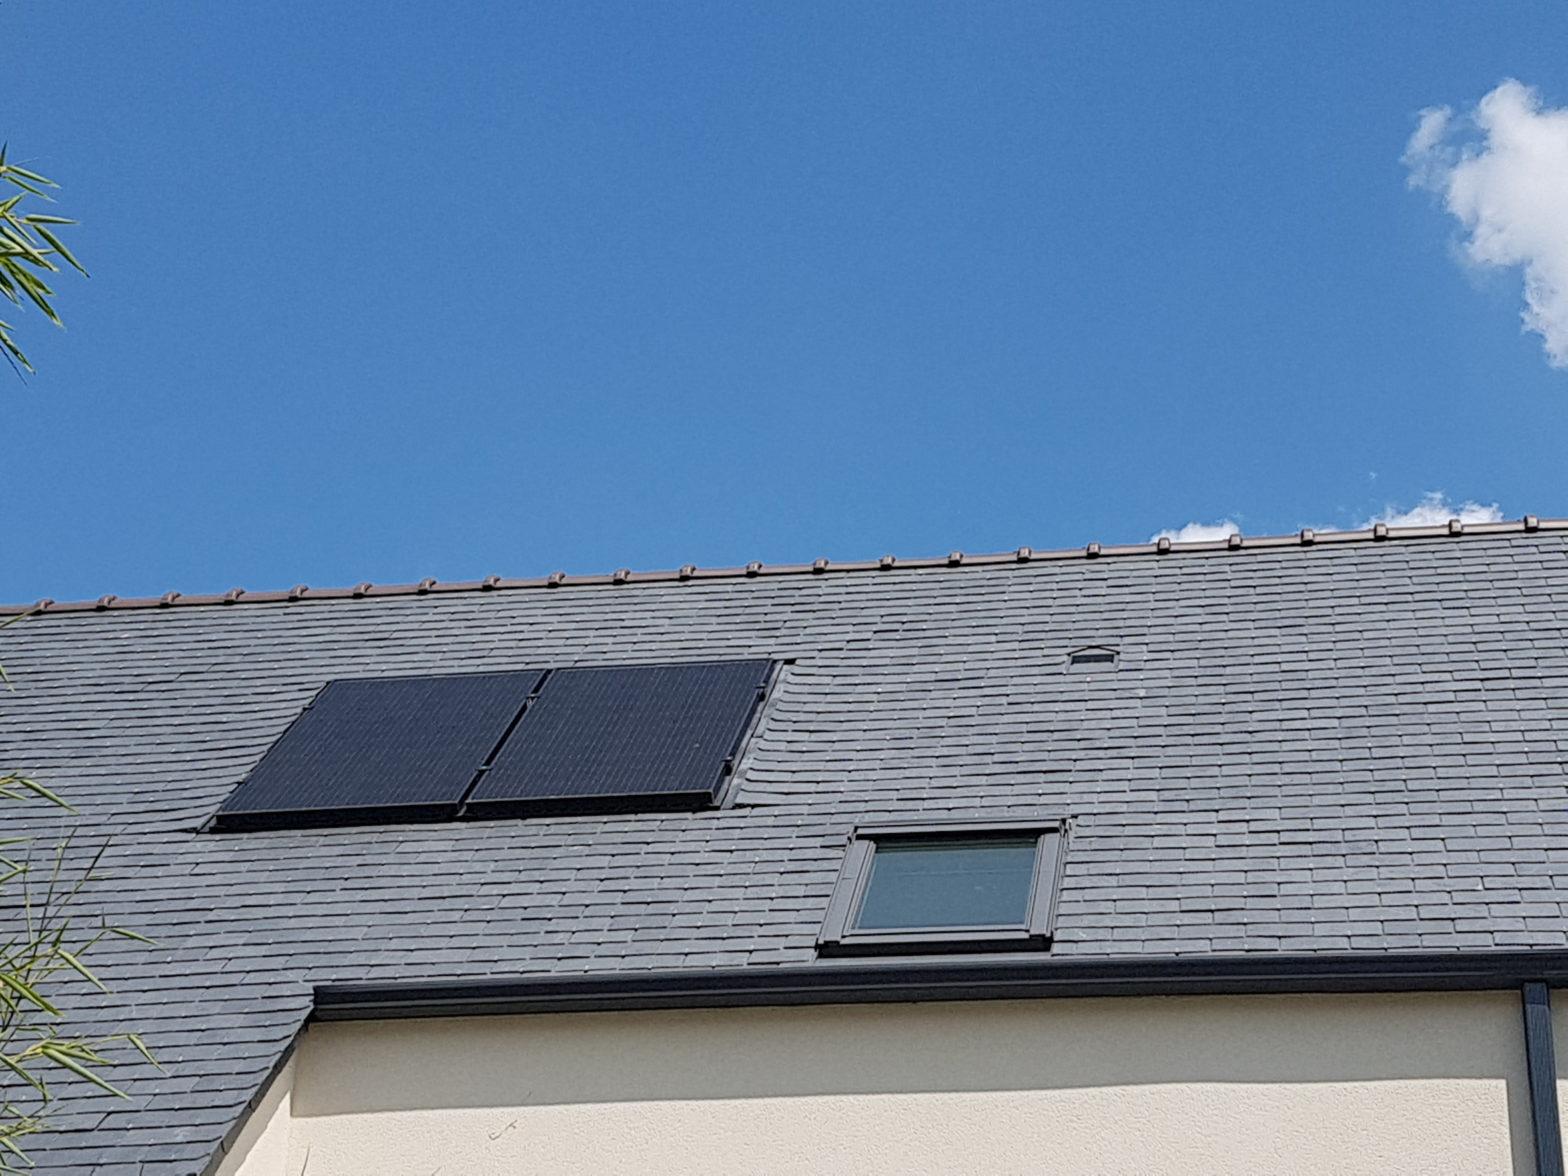 panneaux photovoltaique chaudiere gaz 49800 andard